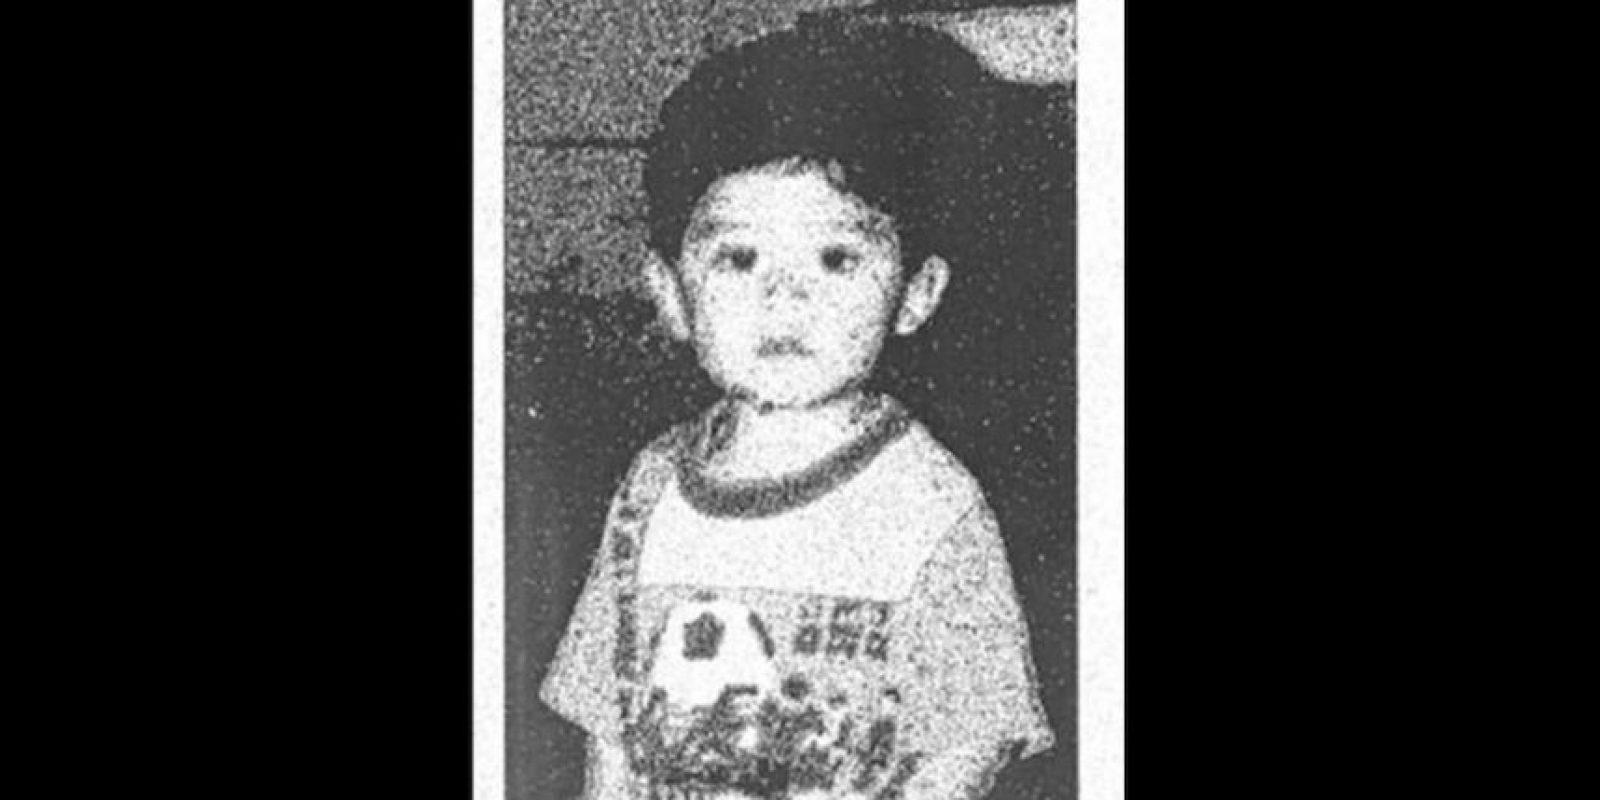 Así era Steve Hernández cuando fue secuestrado por su propio padre en 1995. Foto:Oficina del Fiscal de Distrito del Condado de San Bernardino. Imagen Por: